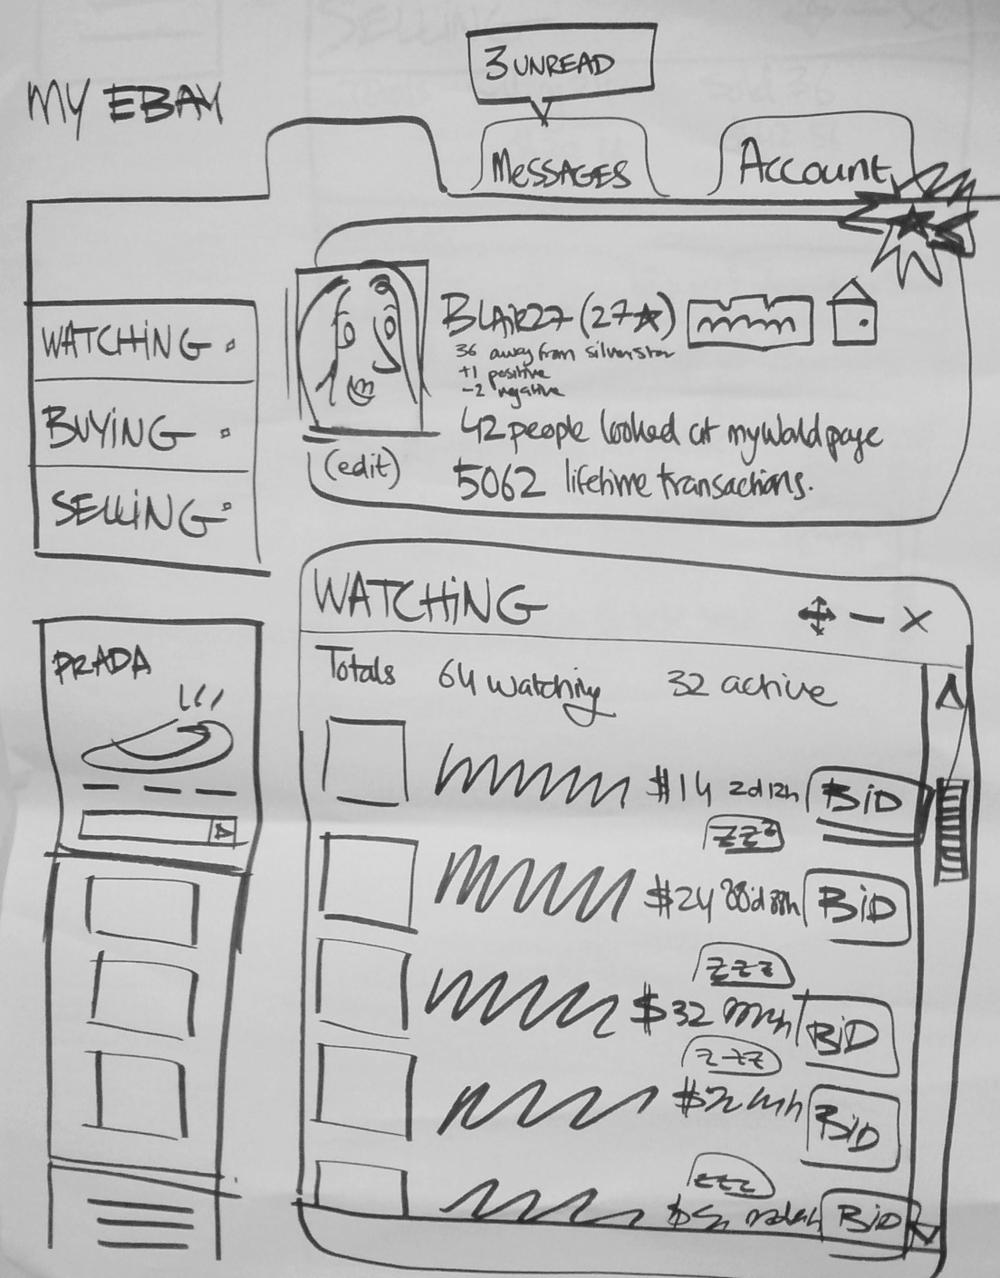 myebay-sketch